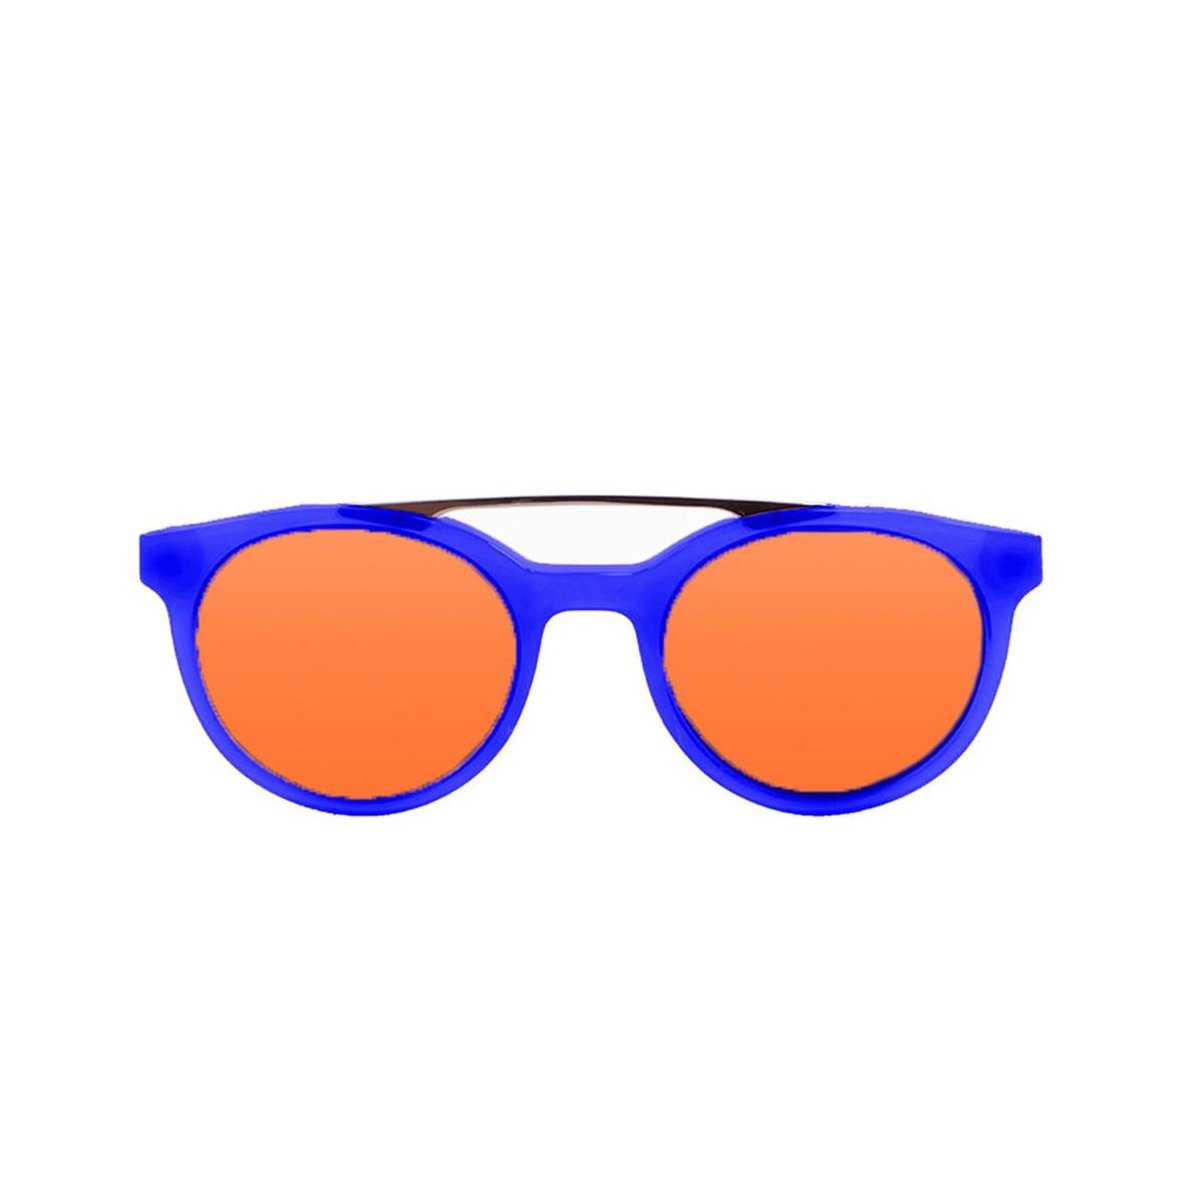 Ocean Sunglasses - Zonnebril - Unisex - 10200-11_TIBURON_TRANSPARENTBLUE-RED - Ocean Sunglasses